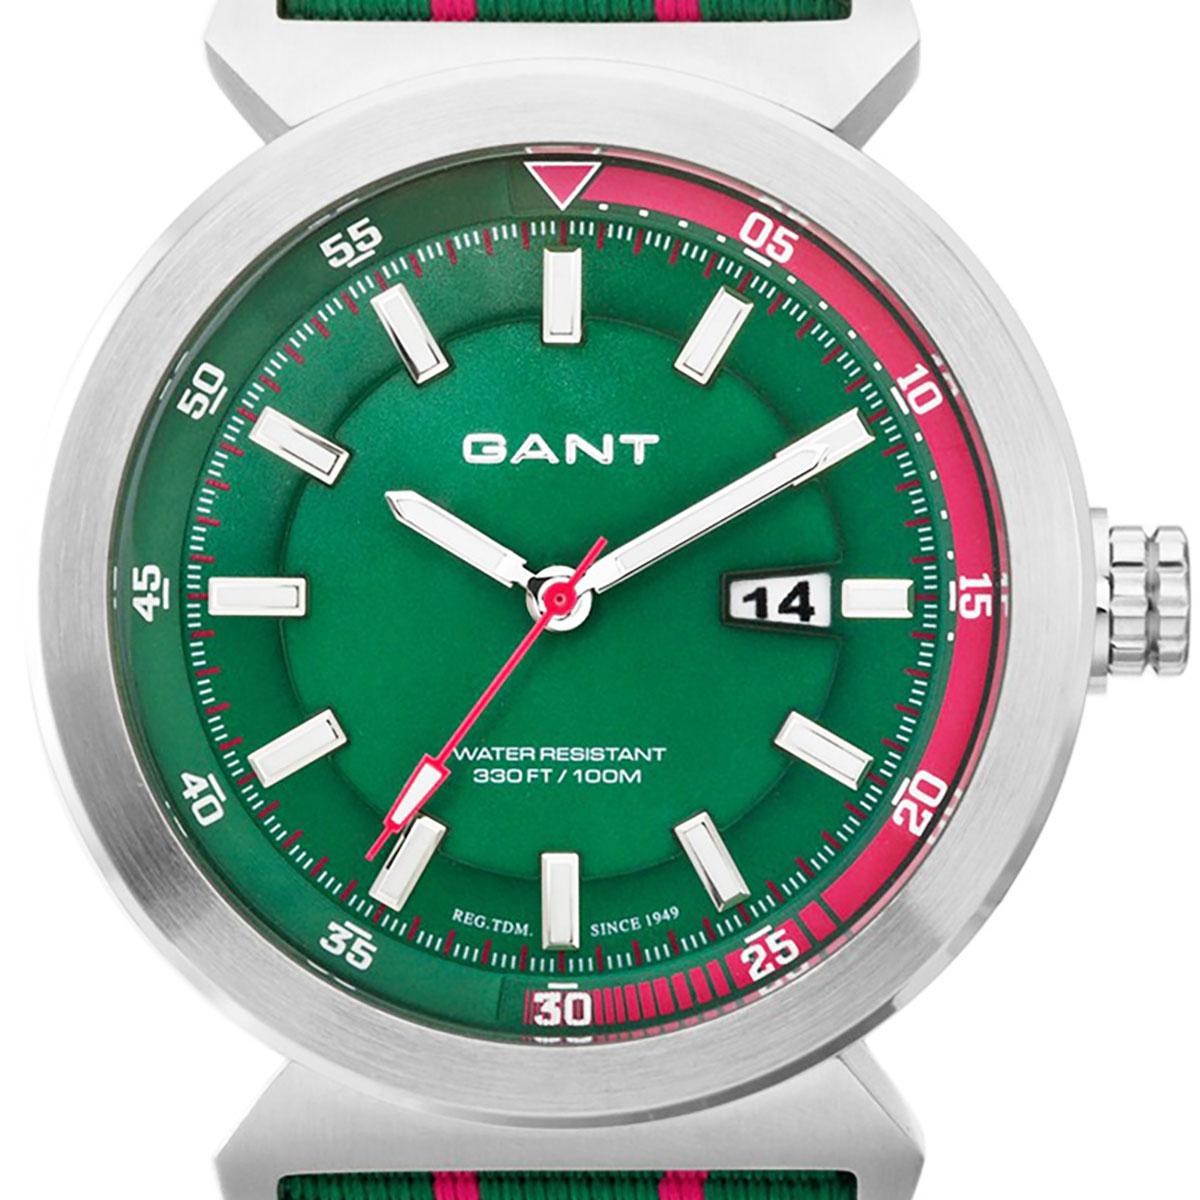 【残り1点】GANT ガント 電池式クォーツ 腕時計 [W70272] 並行輸入品 グリーン(緑)